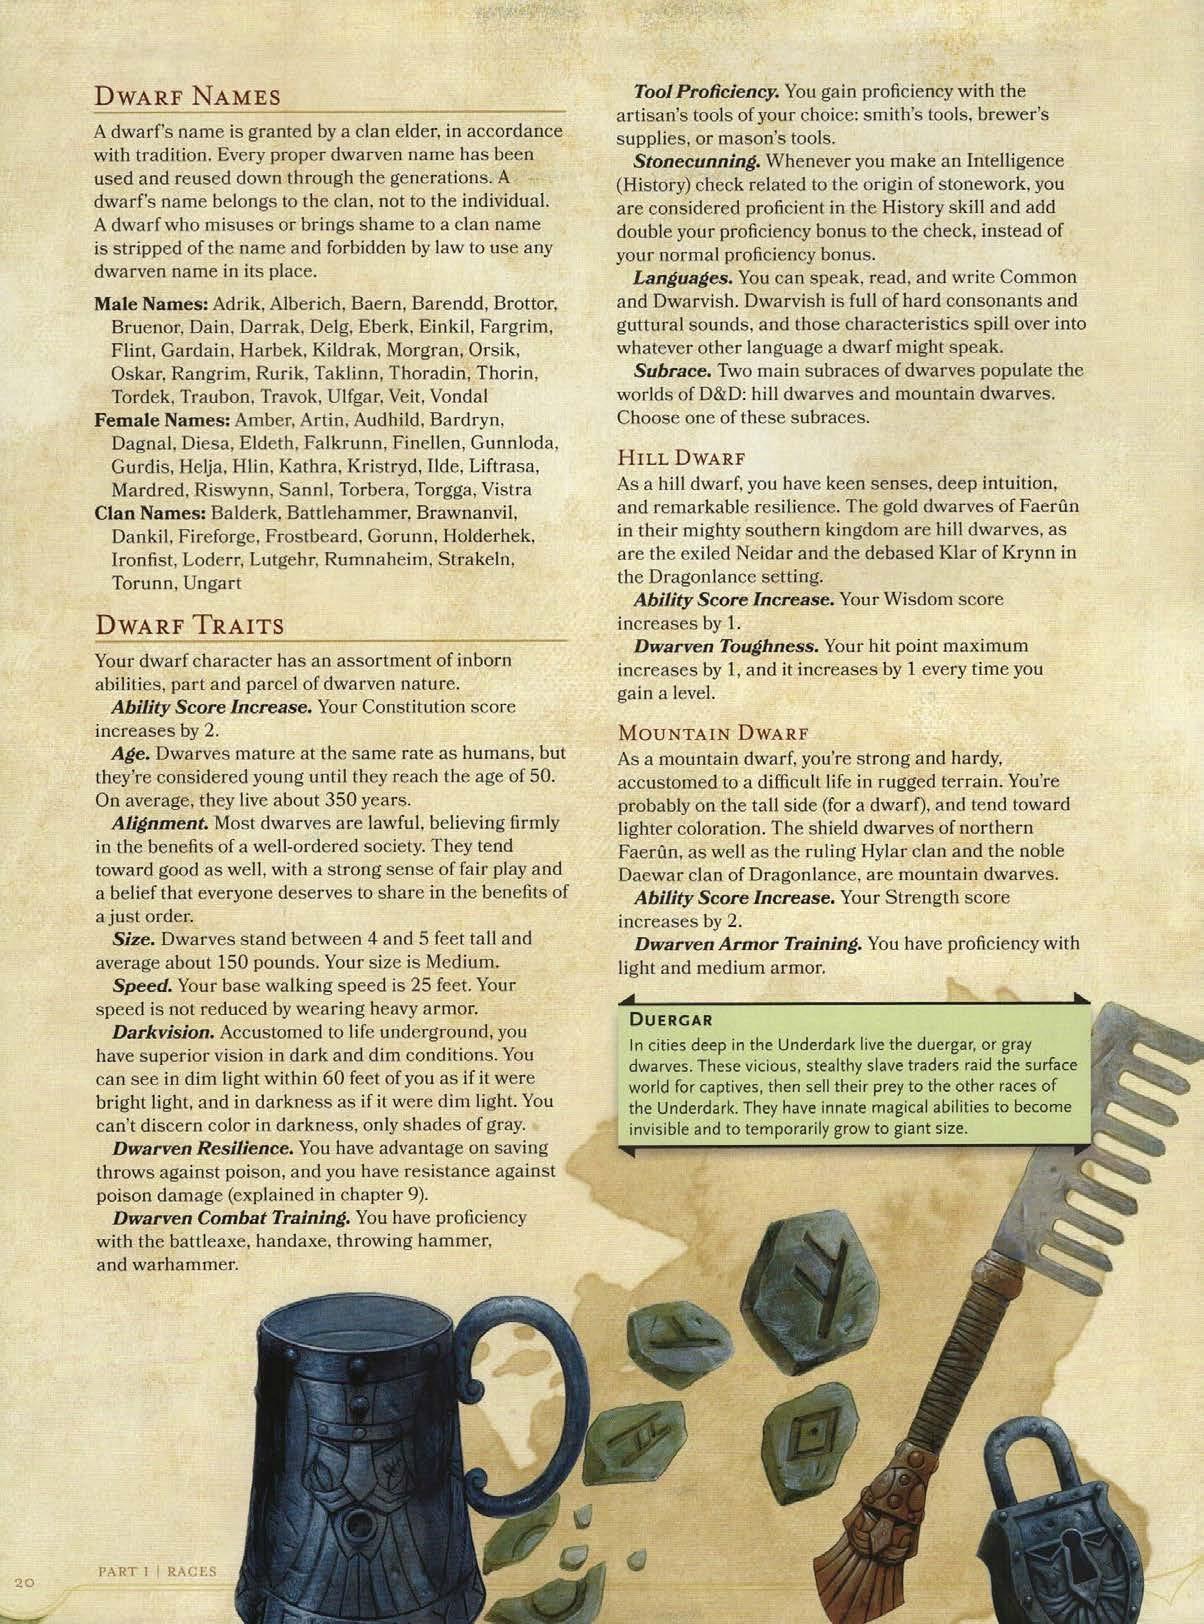 Dwarf description 3